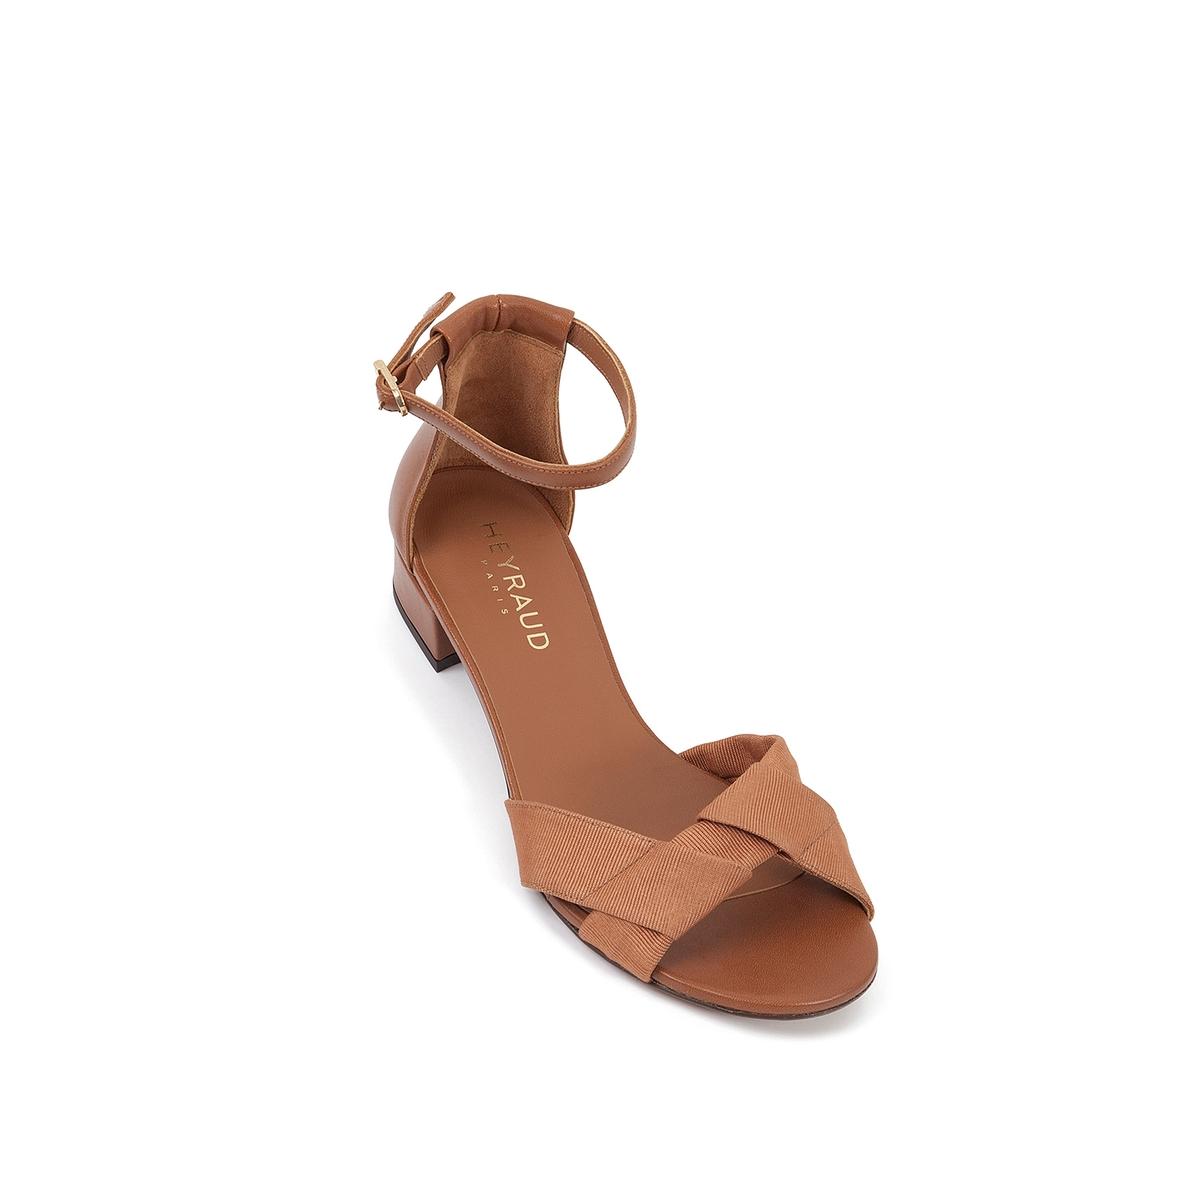 Босоножки кожаные EleanaВерх : кожа   Подкладка : кожа   Стелька : кожа   Подошва : кожа   Высота каблука : 2 см   Форма каблука : плоский каблук   Мысок : закругленный мысок   Застежка : ремешок<br><br>Цвет: коньячный<br>Размер: 40.36